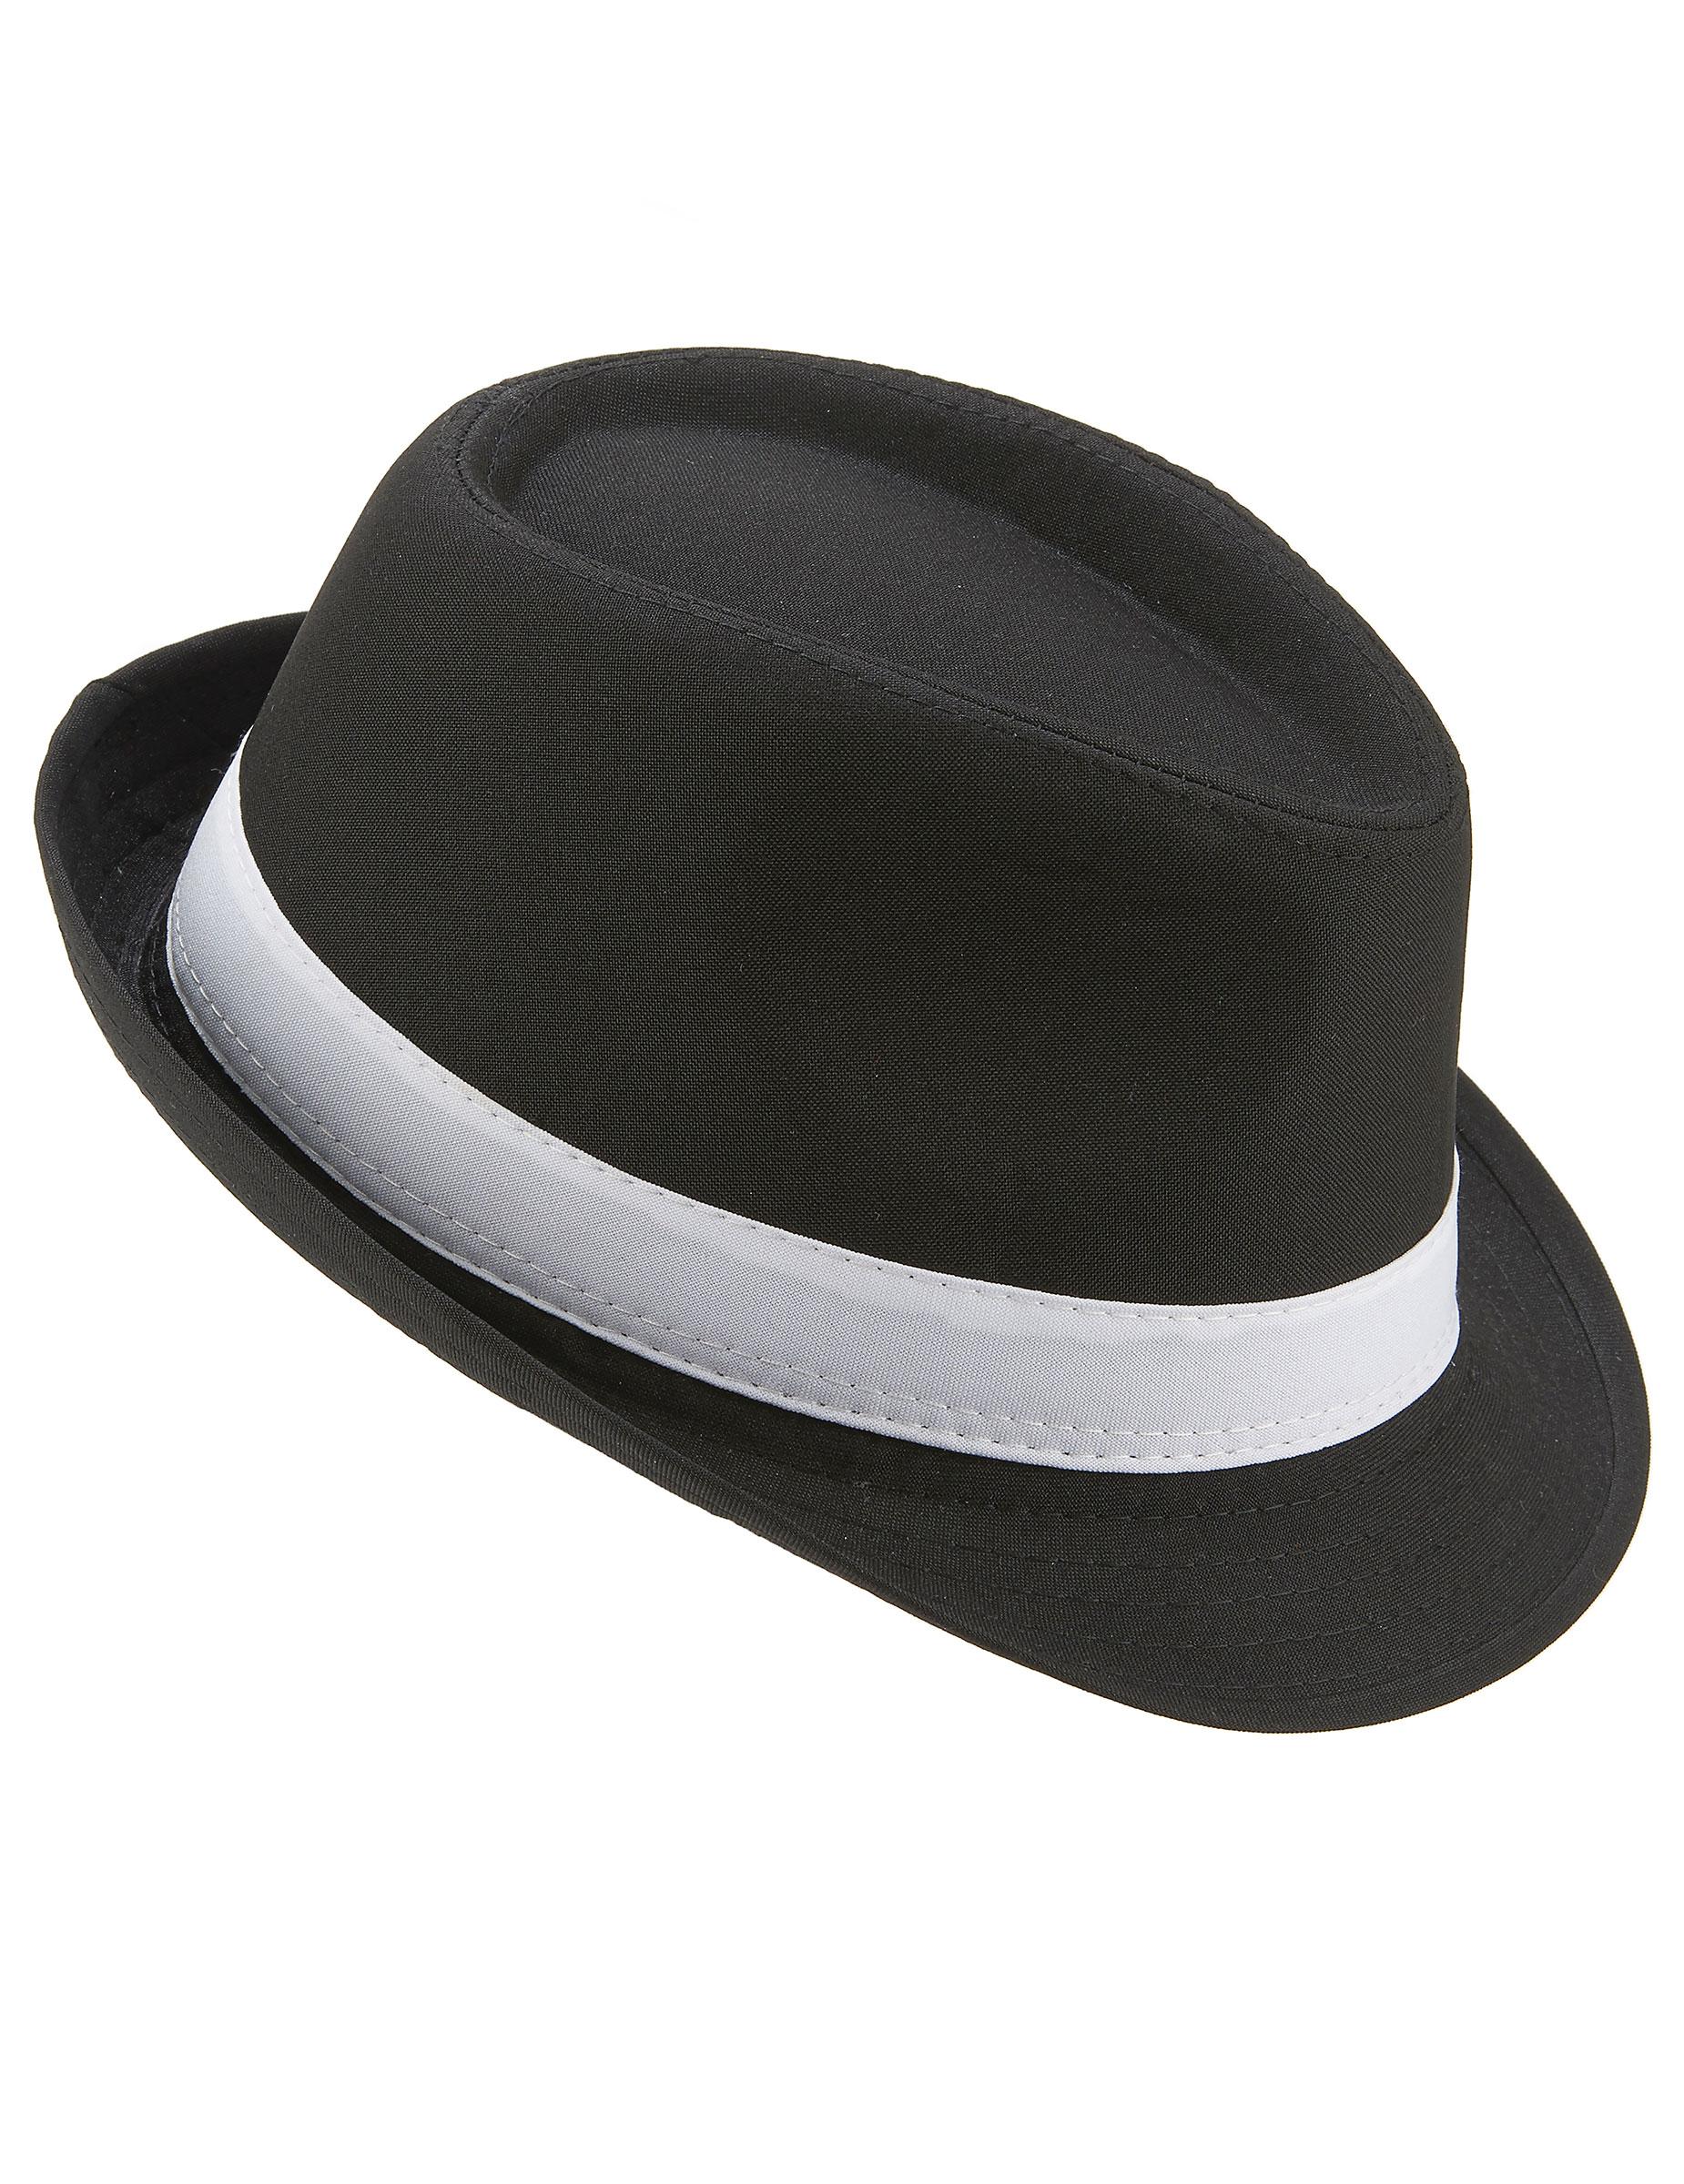 Sombrero borsalino negro banda blanca adulto  Sombreros cad50031e29